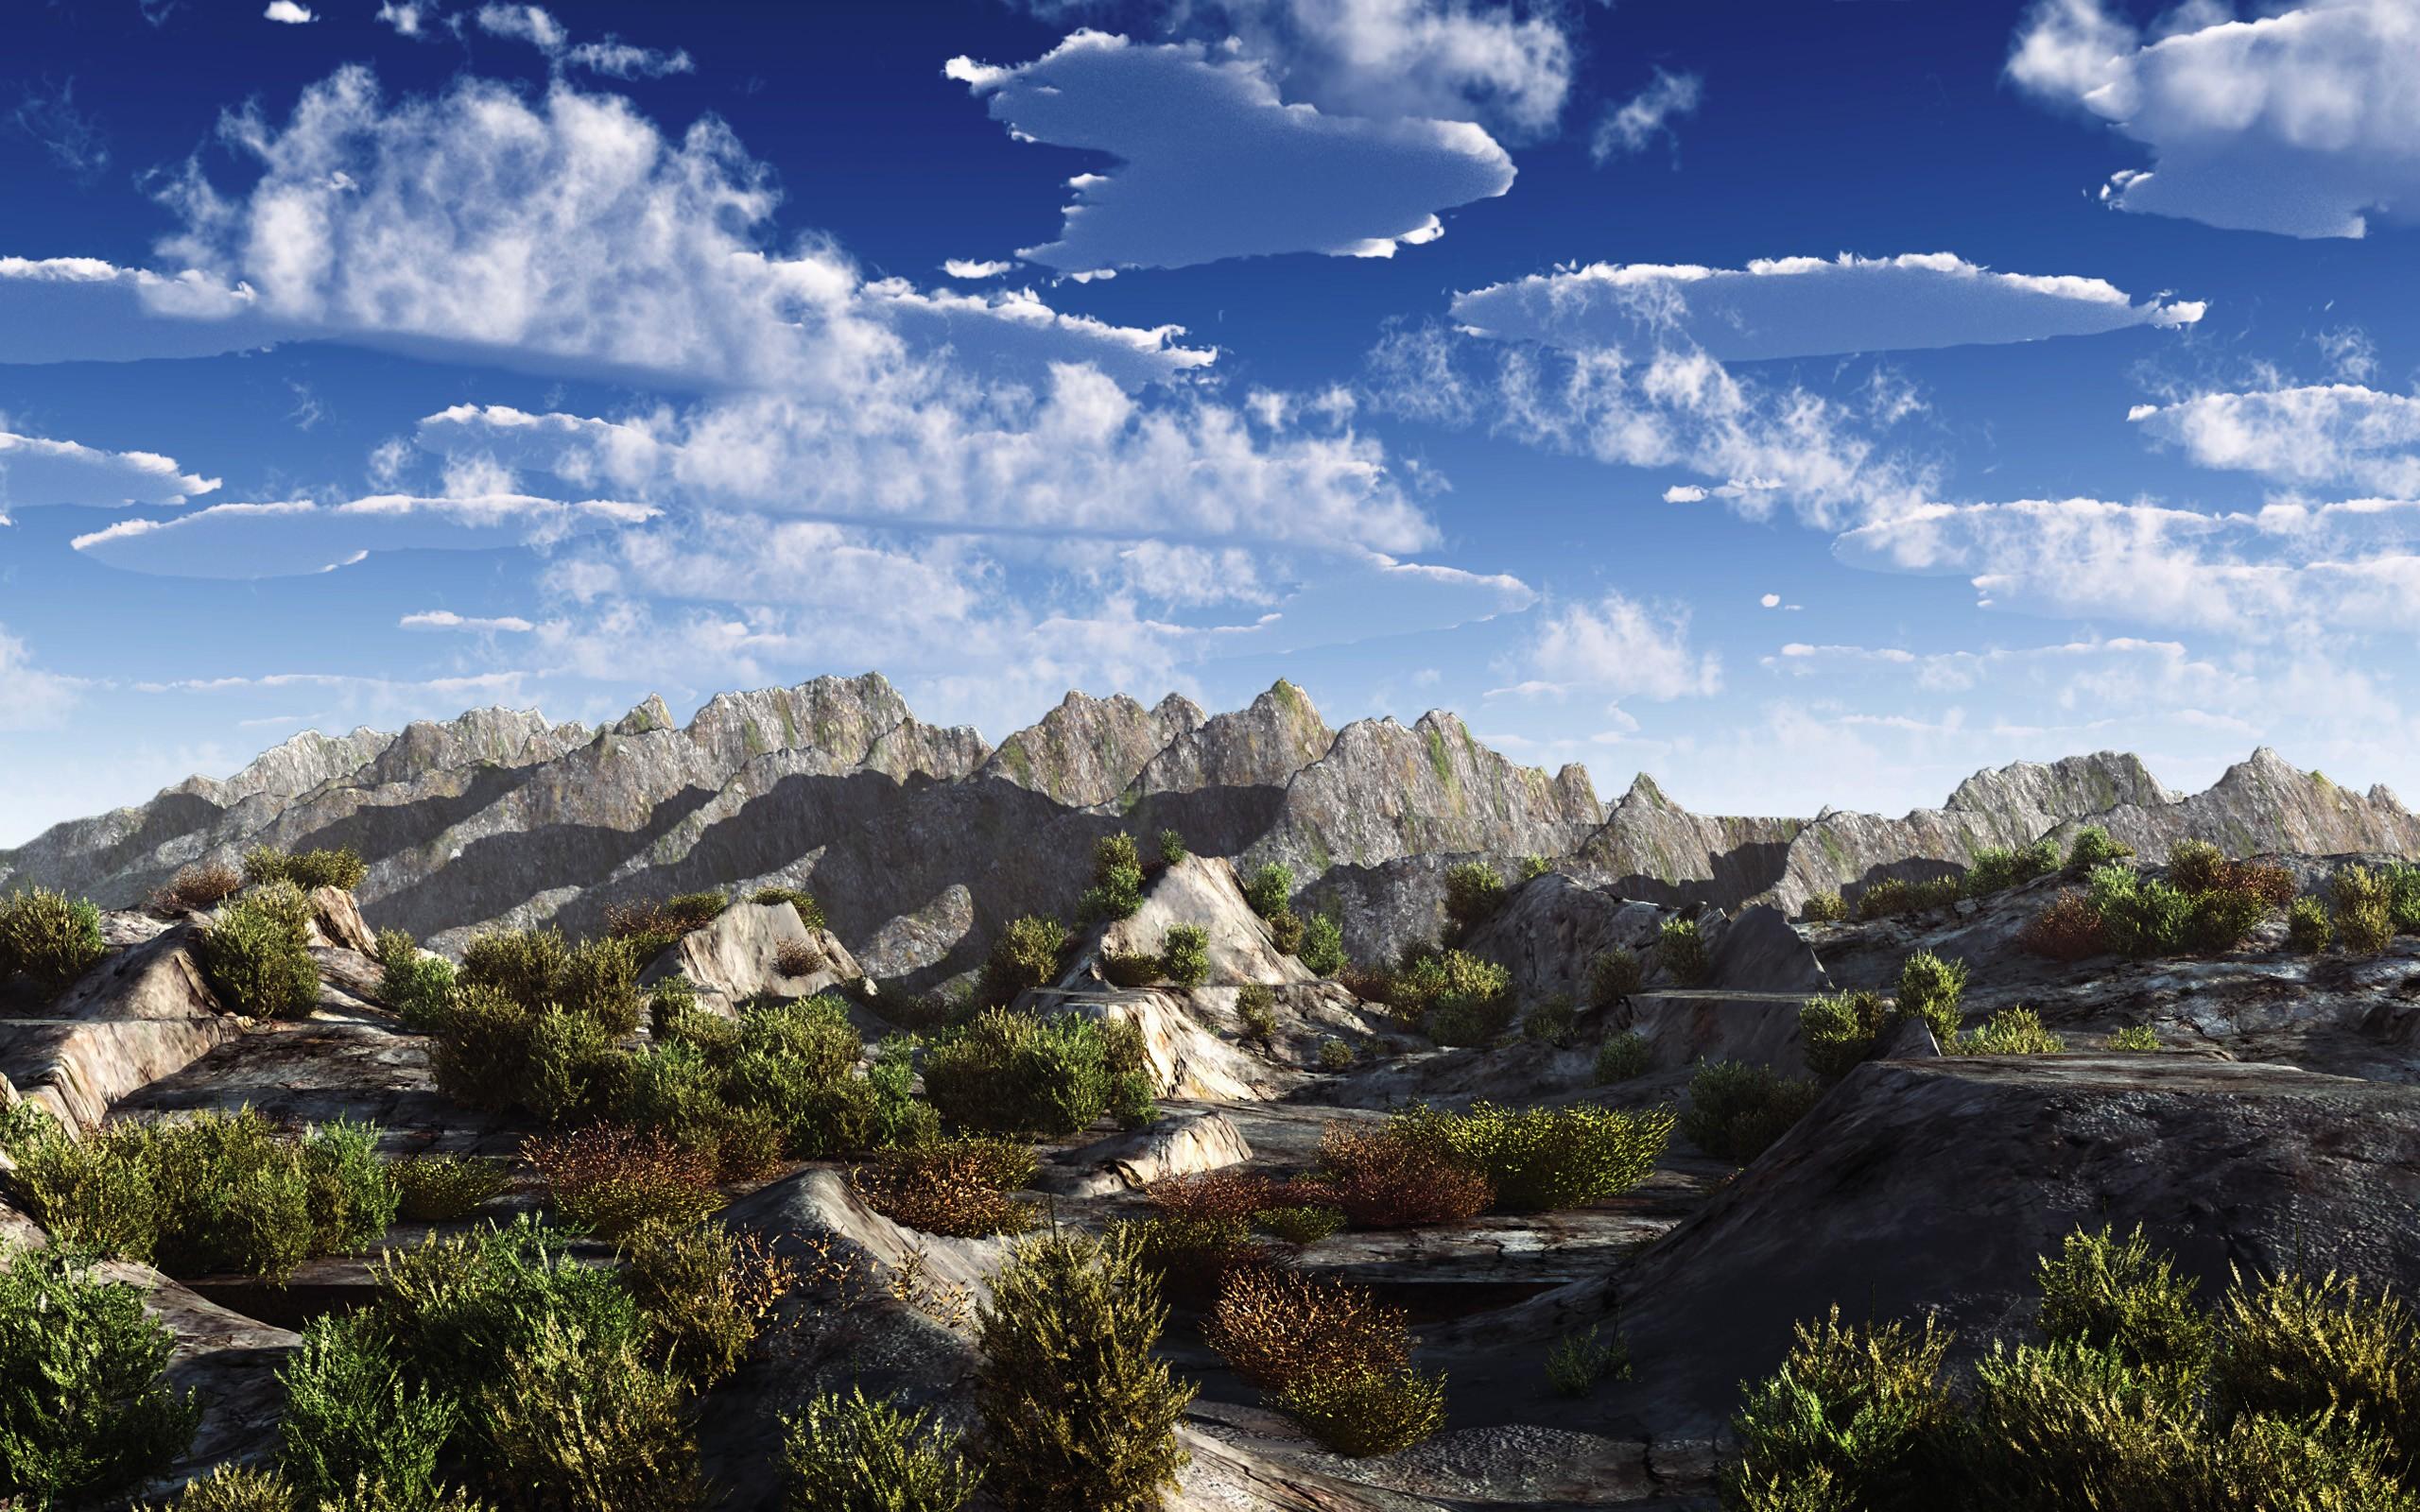 Обои рабочего стола природа горы горы